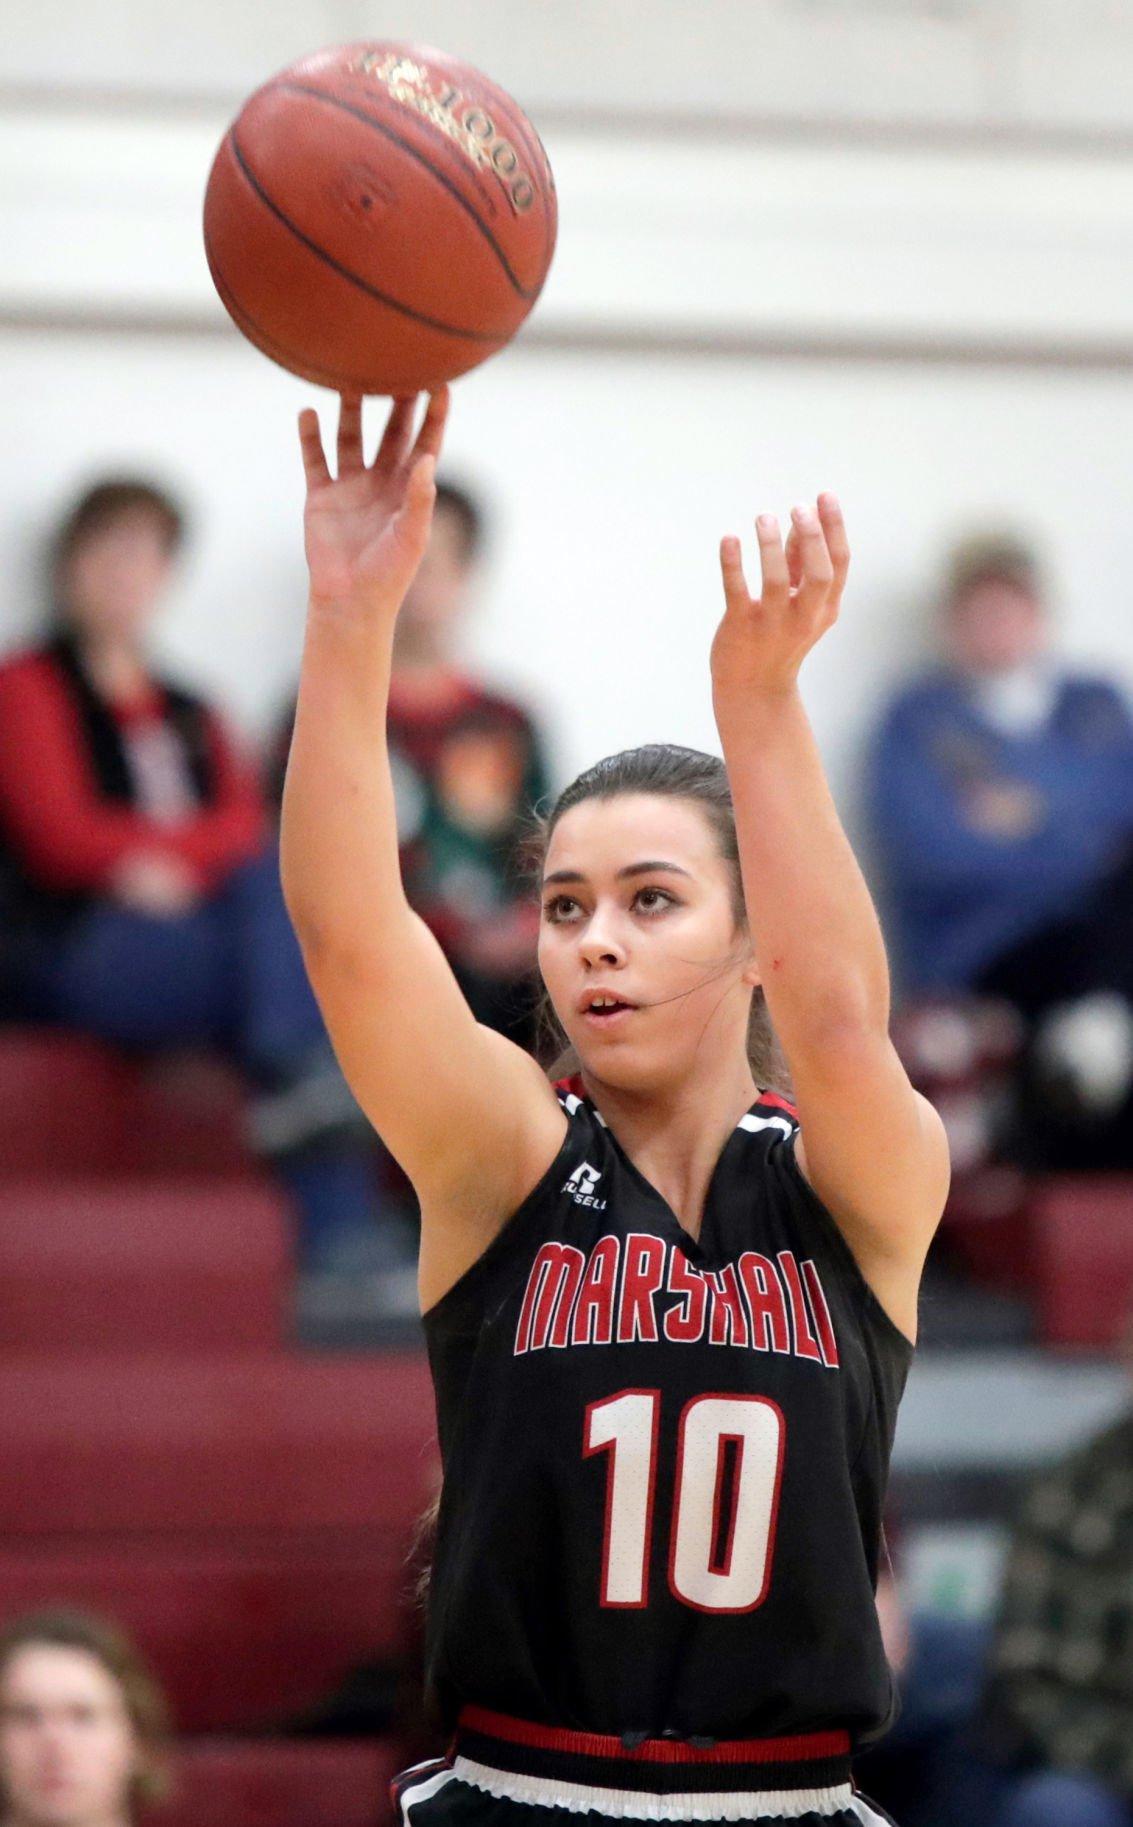 Marshall girls basketball player Mia Morel